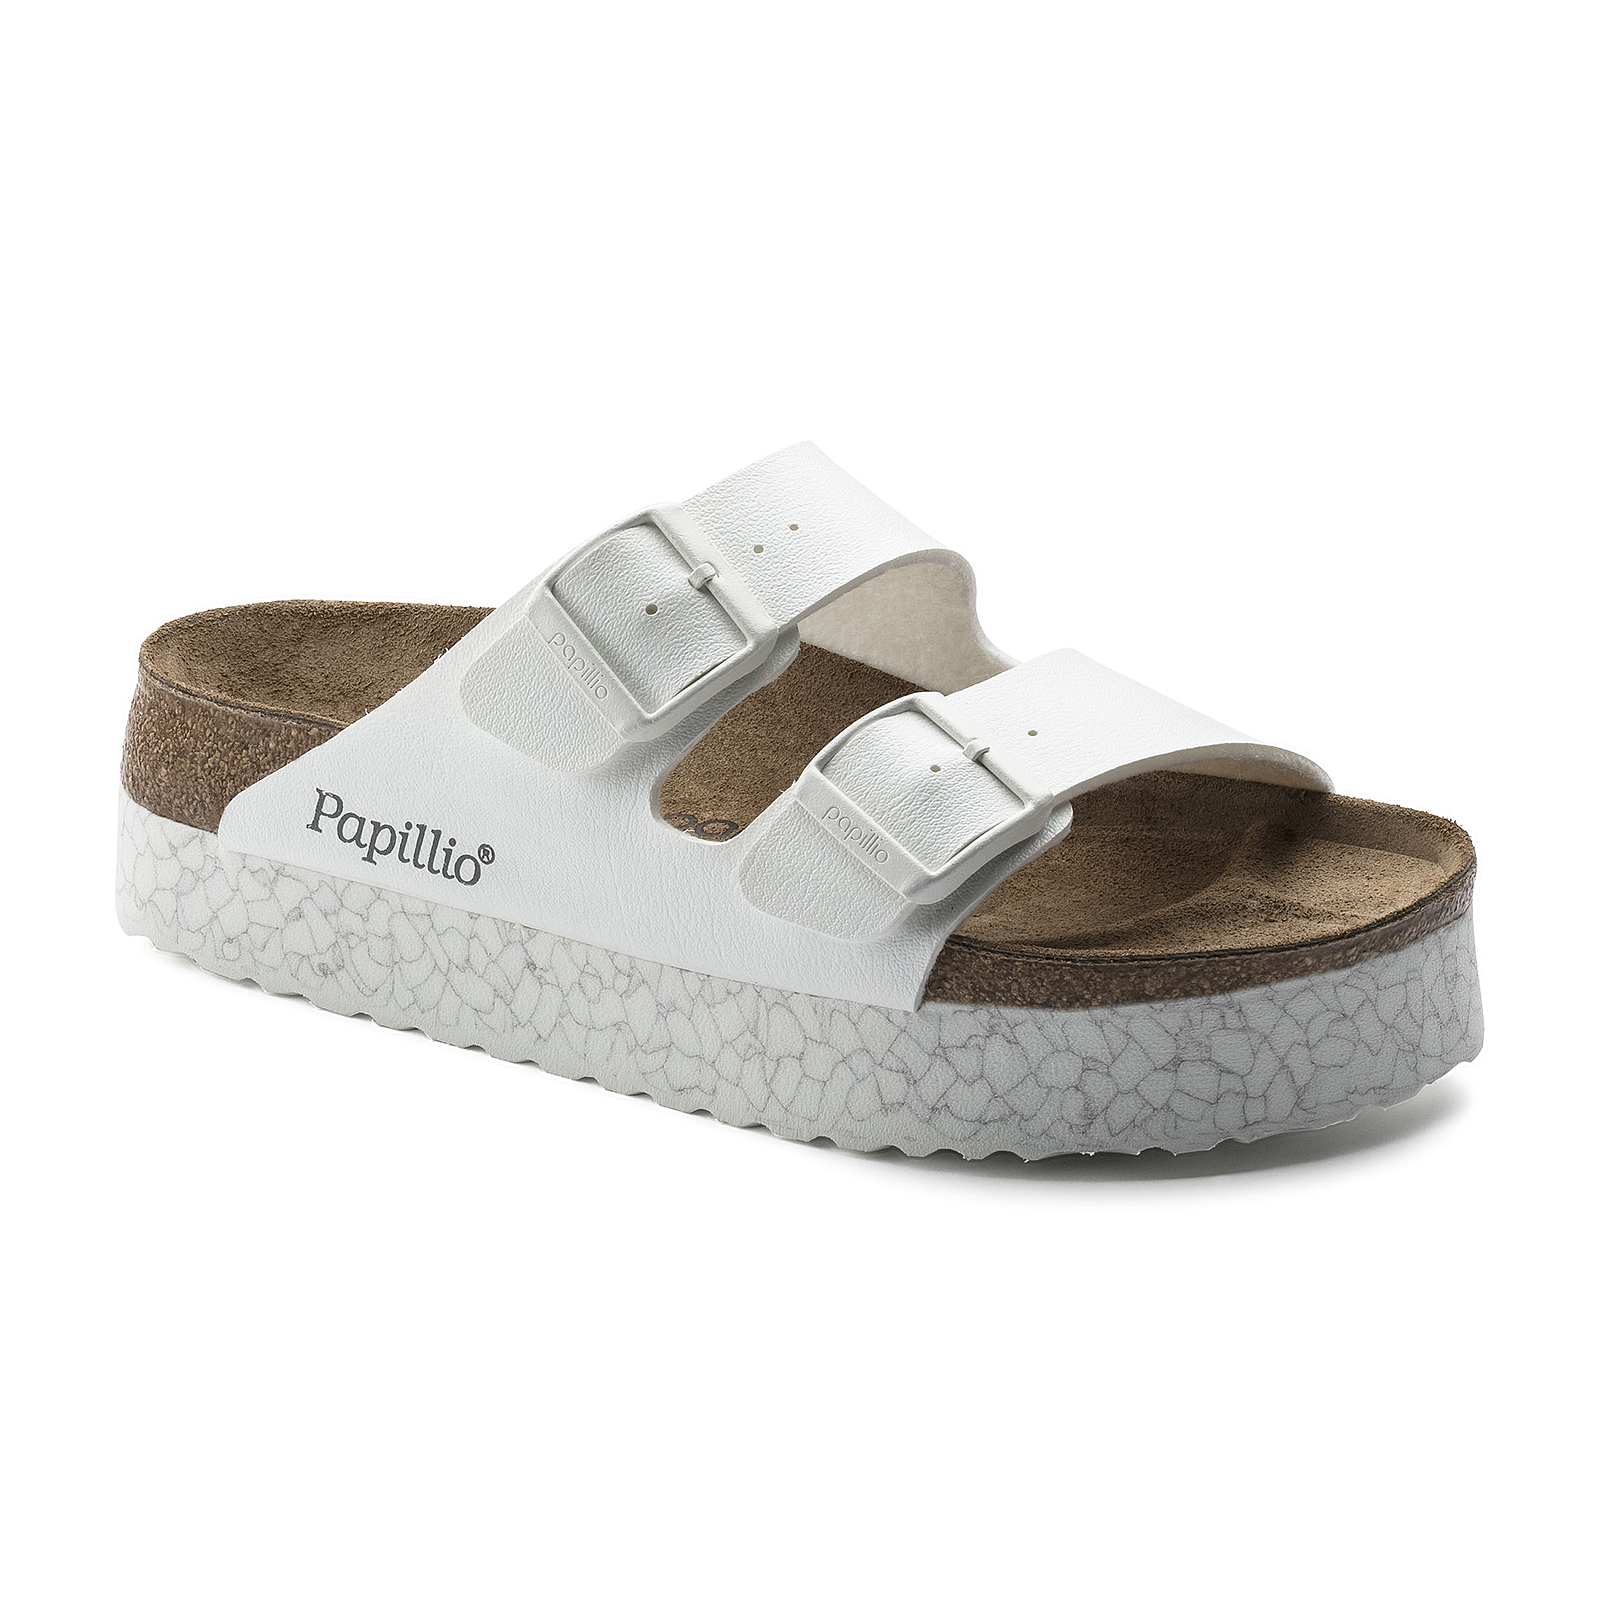 4a31e8d41e25 Birkenstock Sandals Arizona Monochrome Marble White